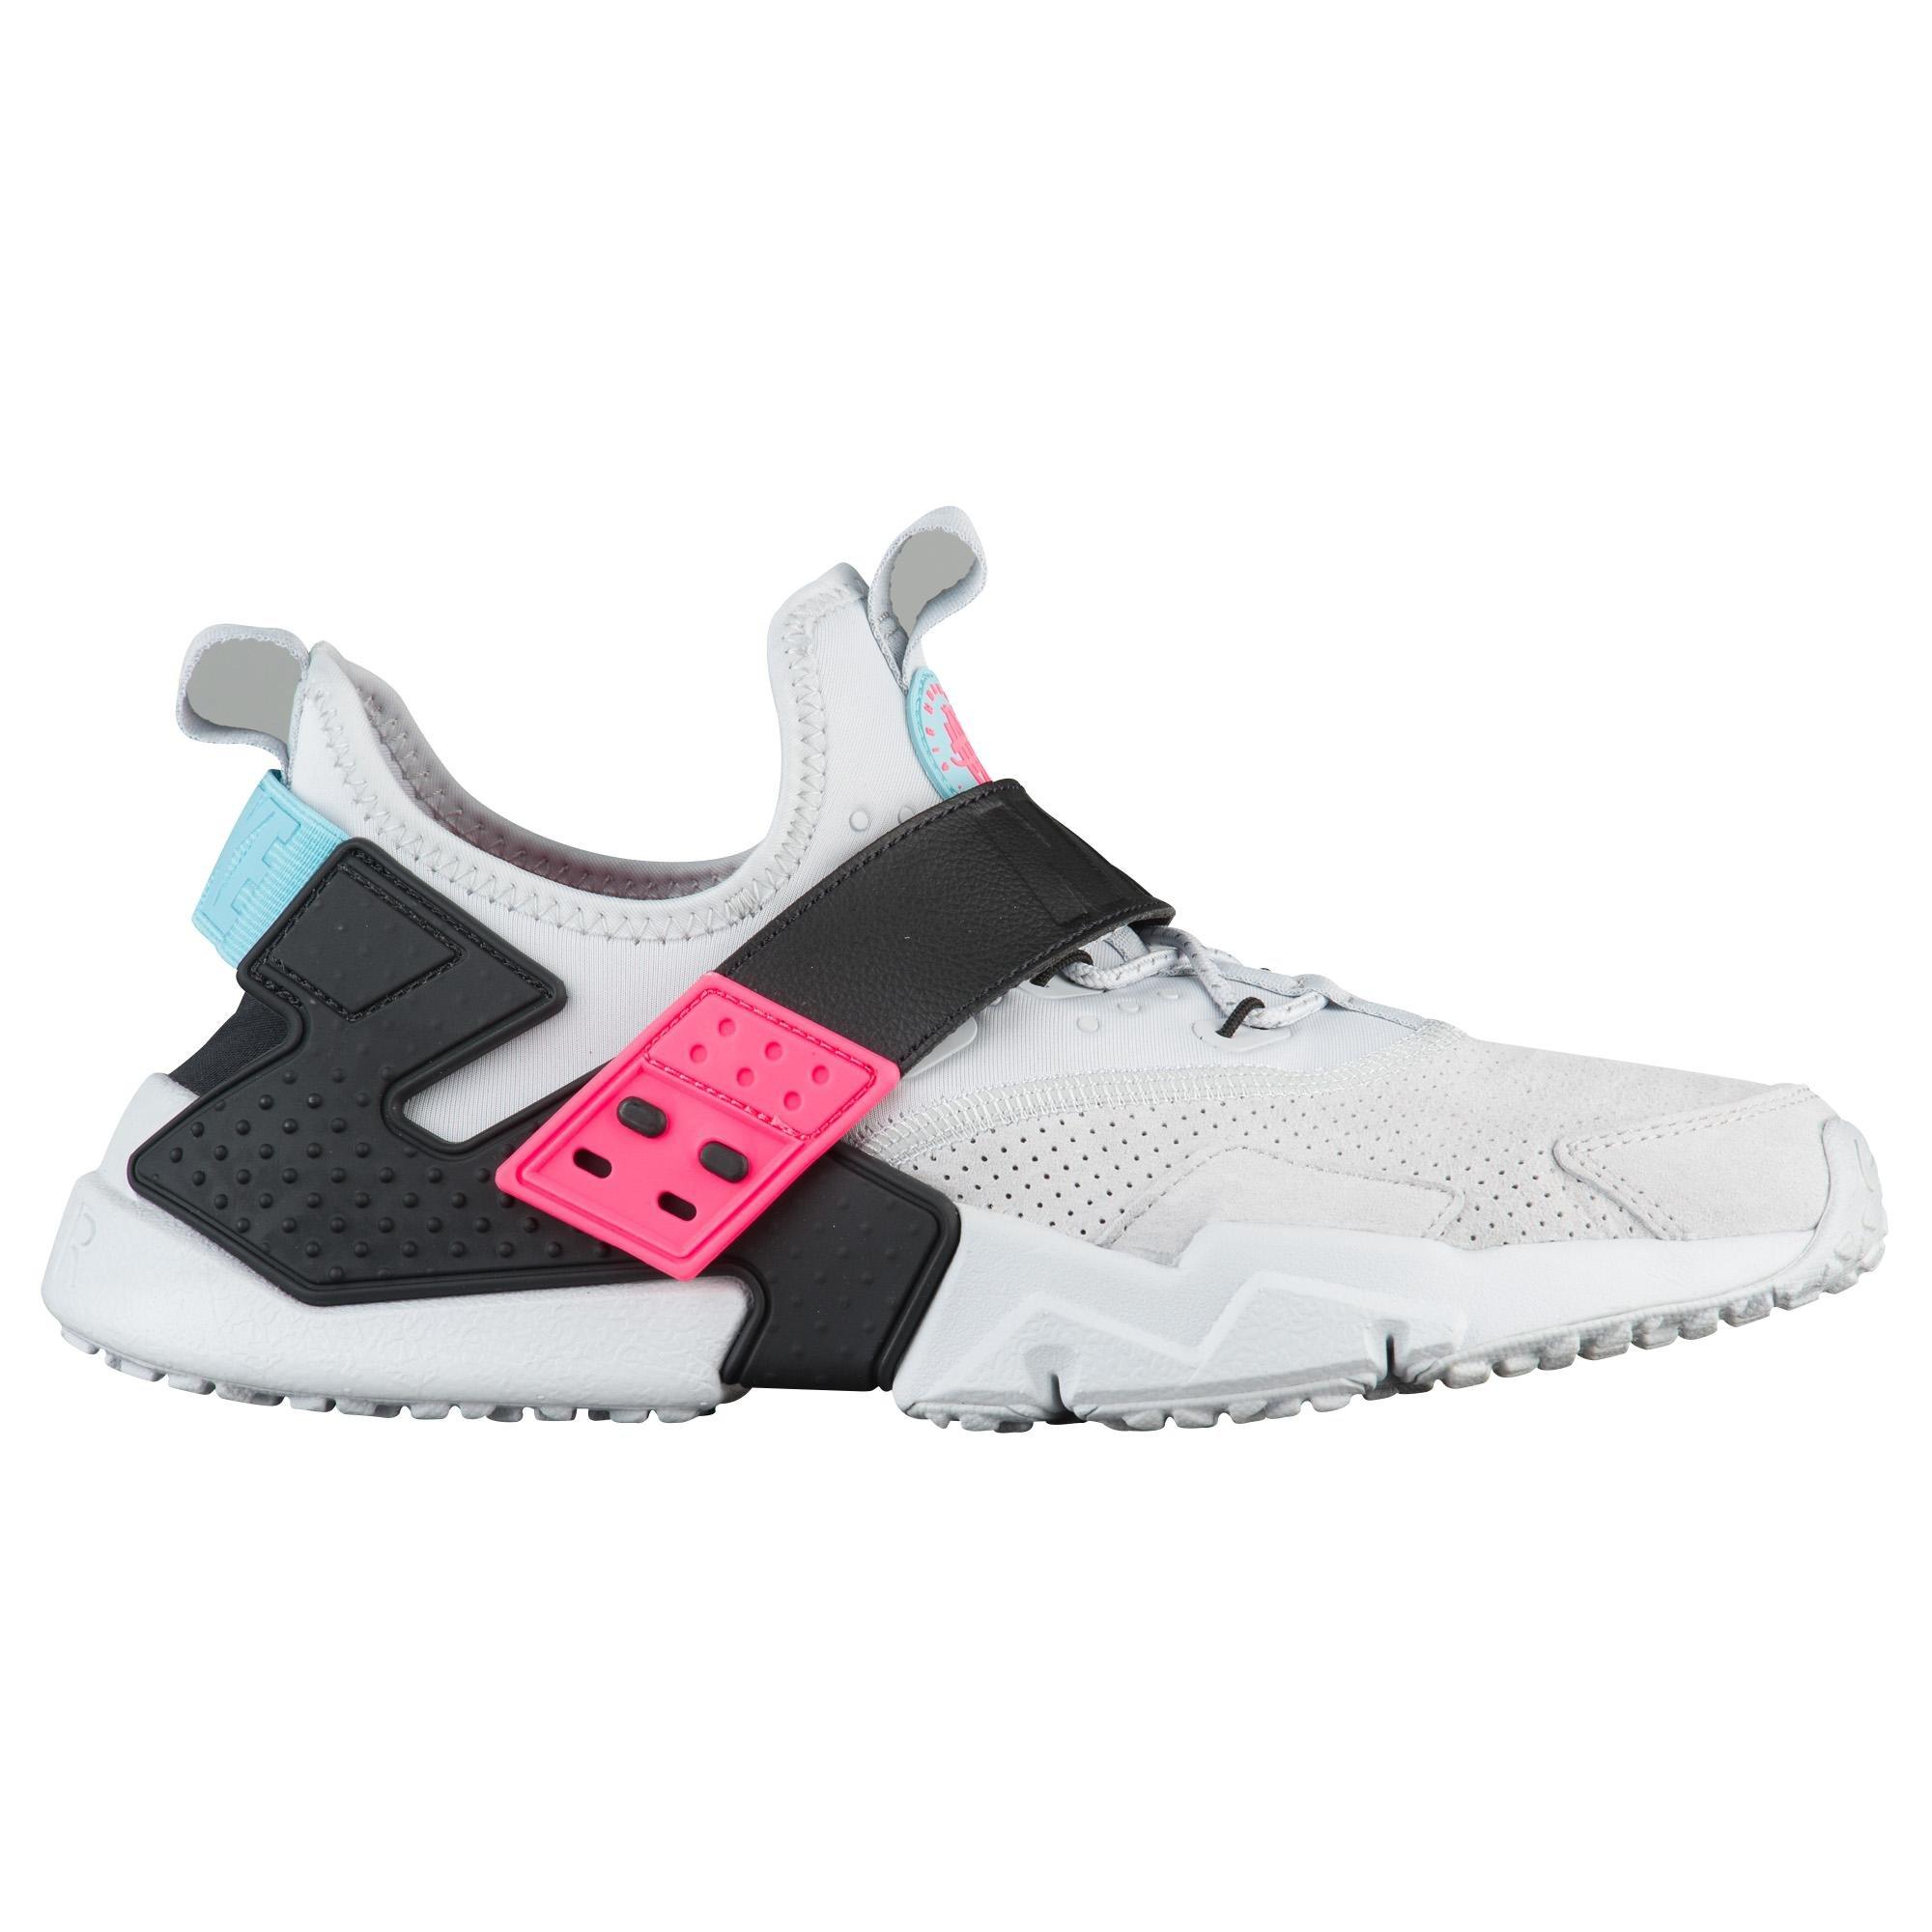 Air Huarache Drift Premium Running Shoes